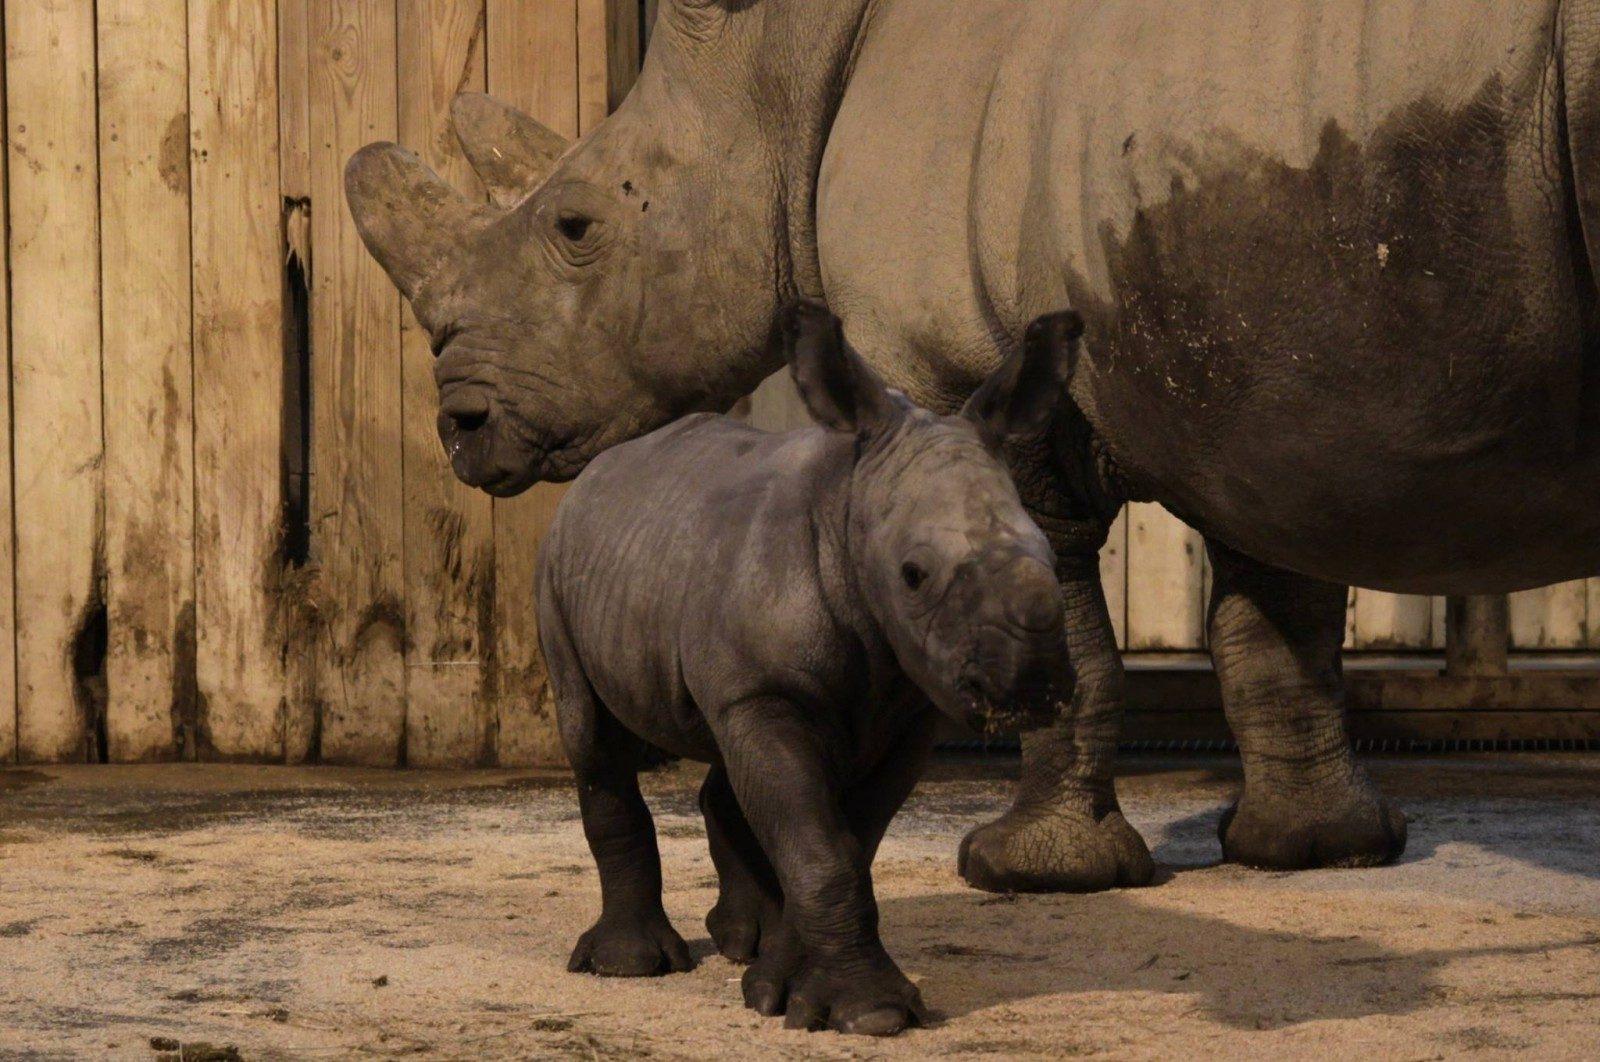 Le Zoo d'Amnéville organise la Baby Shower de Shango, le bébé rhino